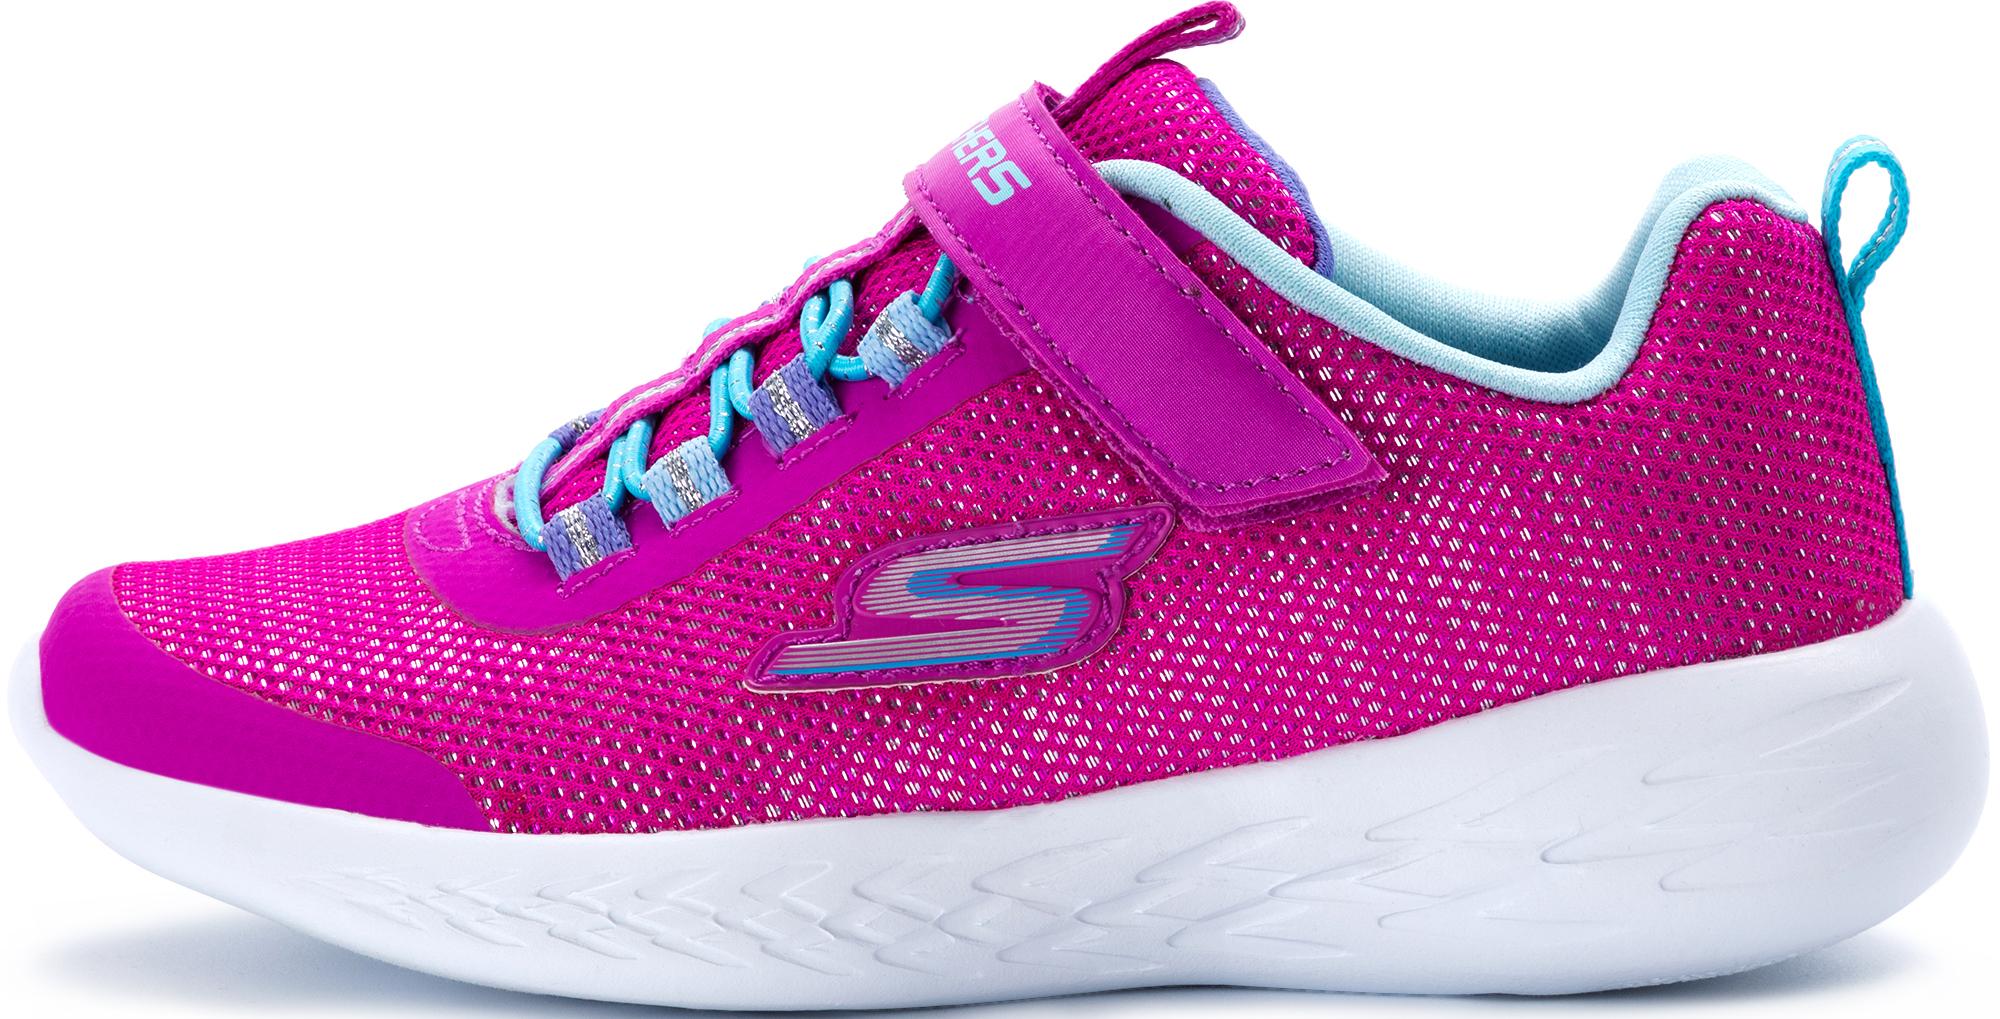 Skechers Кроссовки для девочек Skechers Go Run 600-Sparkle Runner, размер 33